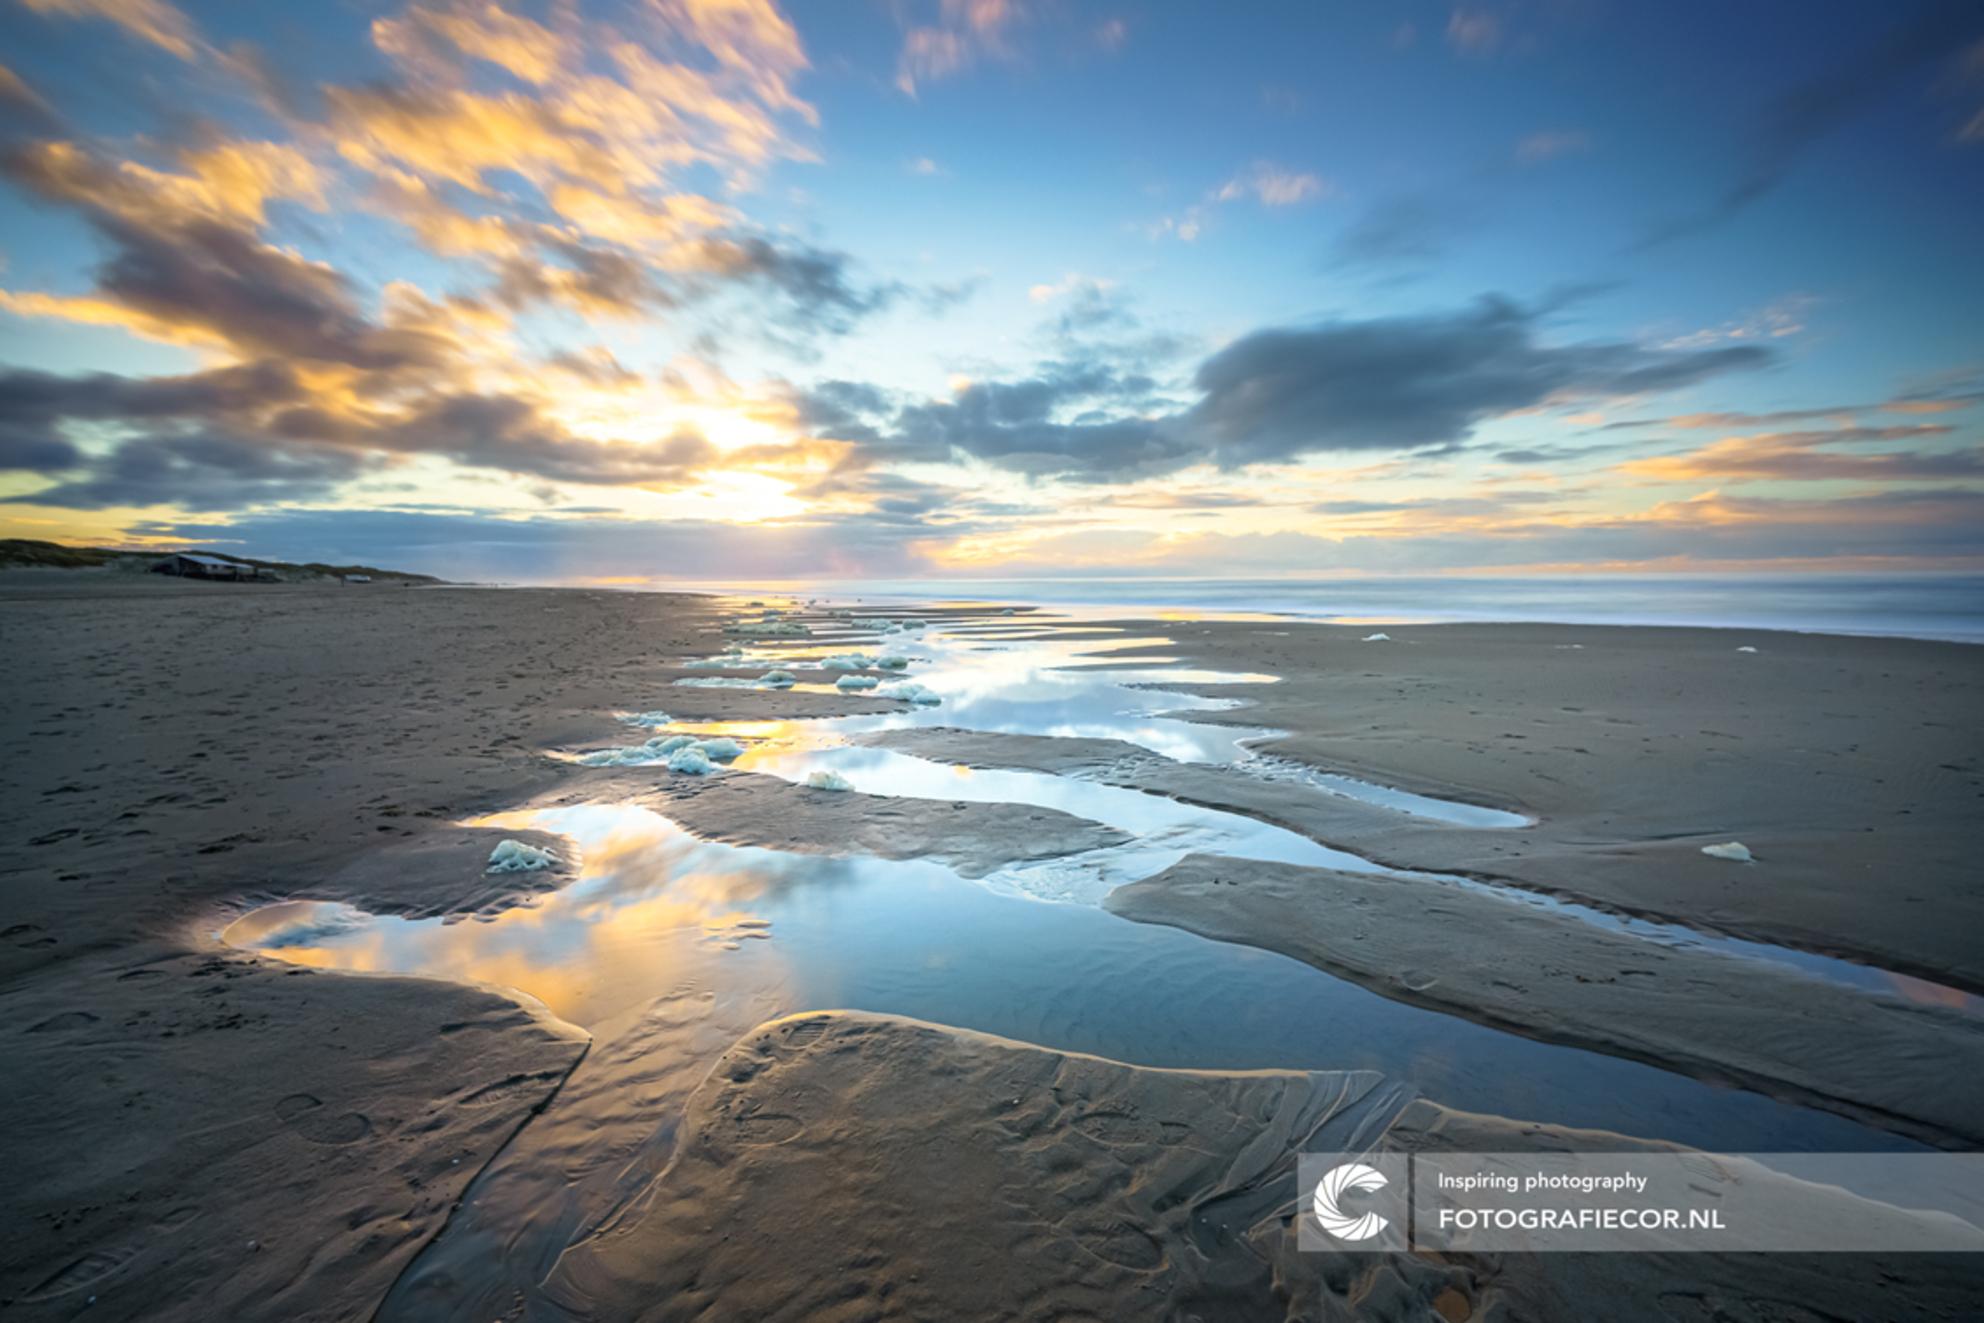 Ritmiek en dynamiek aan het strand - Een magisch momentje op de Noordzee stranden van het Waddeneiland Texel. De dynamiek van de lucht en patronen op het strand lijken samen te komen en  - foto door Fotografiecor op 26-02-2021 - deze foto bevat: lucht, wolken, zon, strand, zee, water, natuur, licht, avond, zonsondergang, vakantie, spiegeling, landschap, duinen, tegenlicht, zonsopkomst, zand, kust, lange sluitertijd - Deze foto mag gebruikt worden in een Zoom.nl publicatie